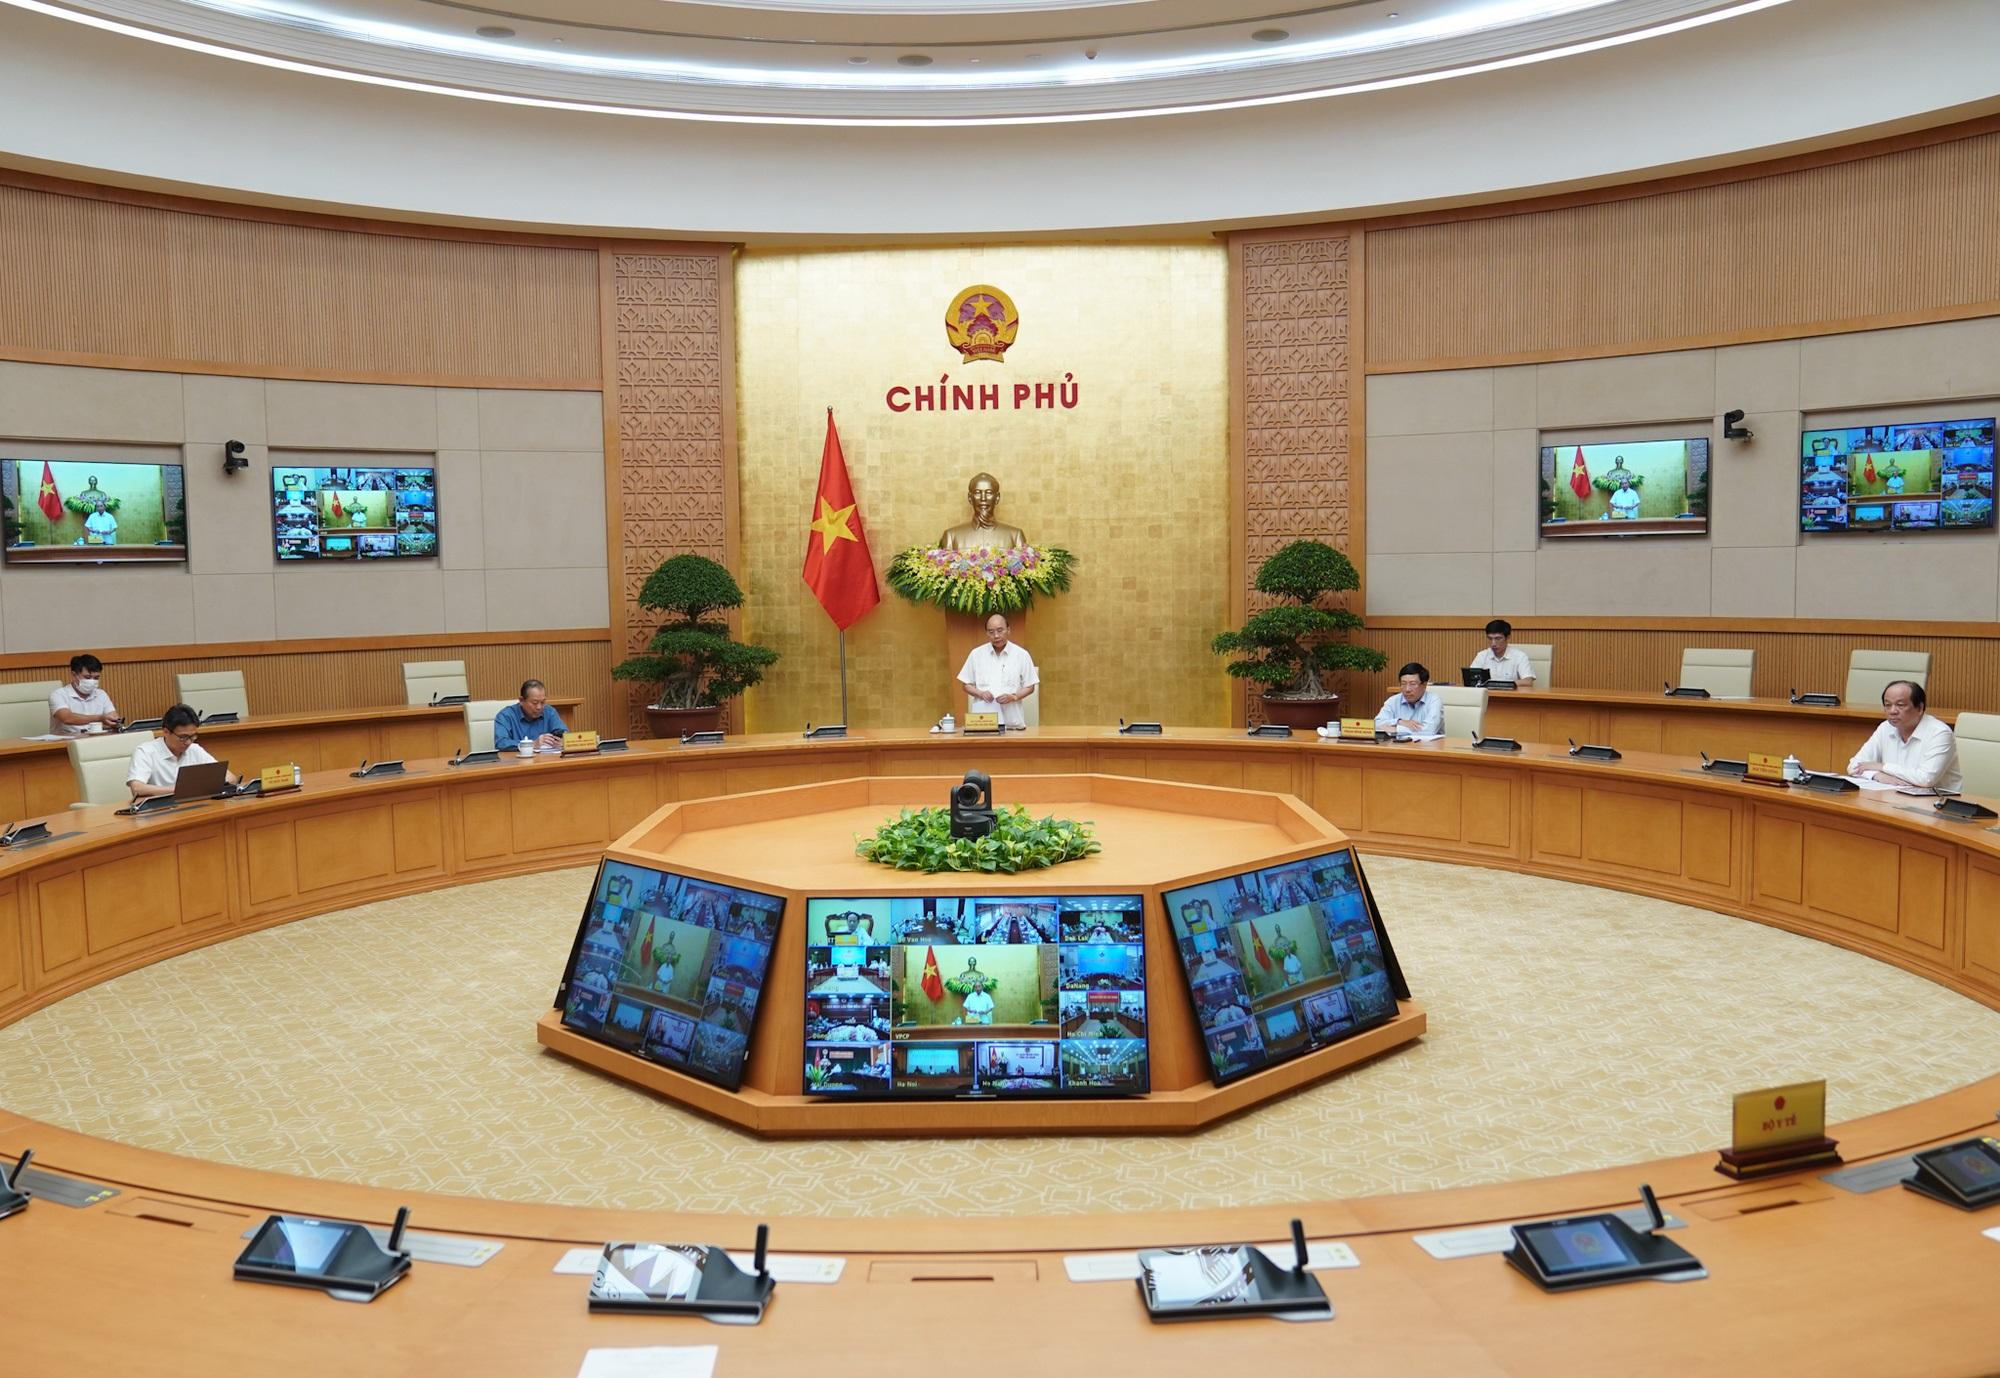 Thủ tướng: Không thể coi thường tính mạng của người dân, nhưng không thể đóng cửa mọi hoạt động - Ảnh 2